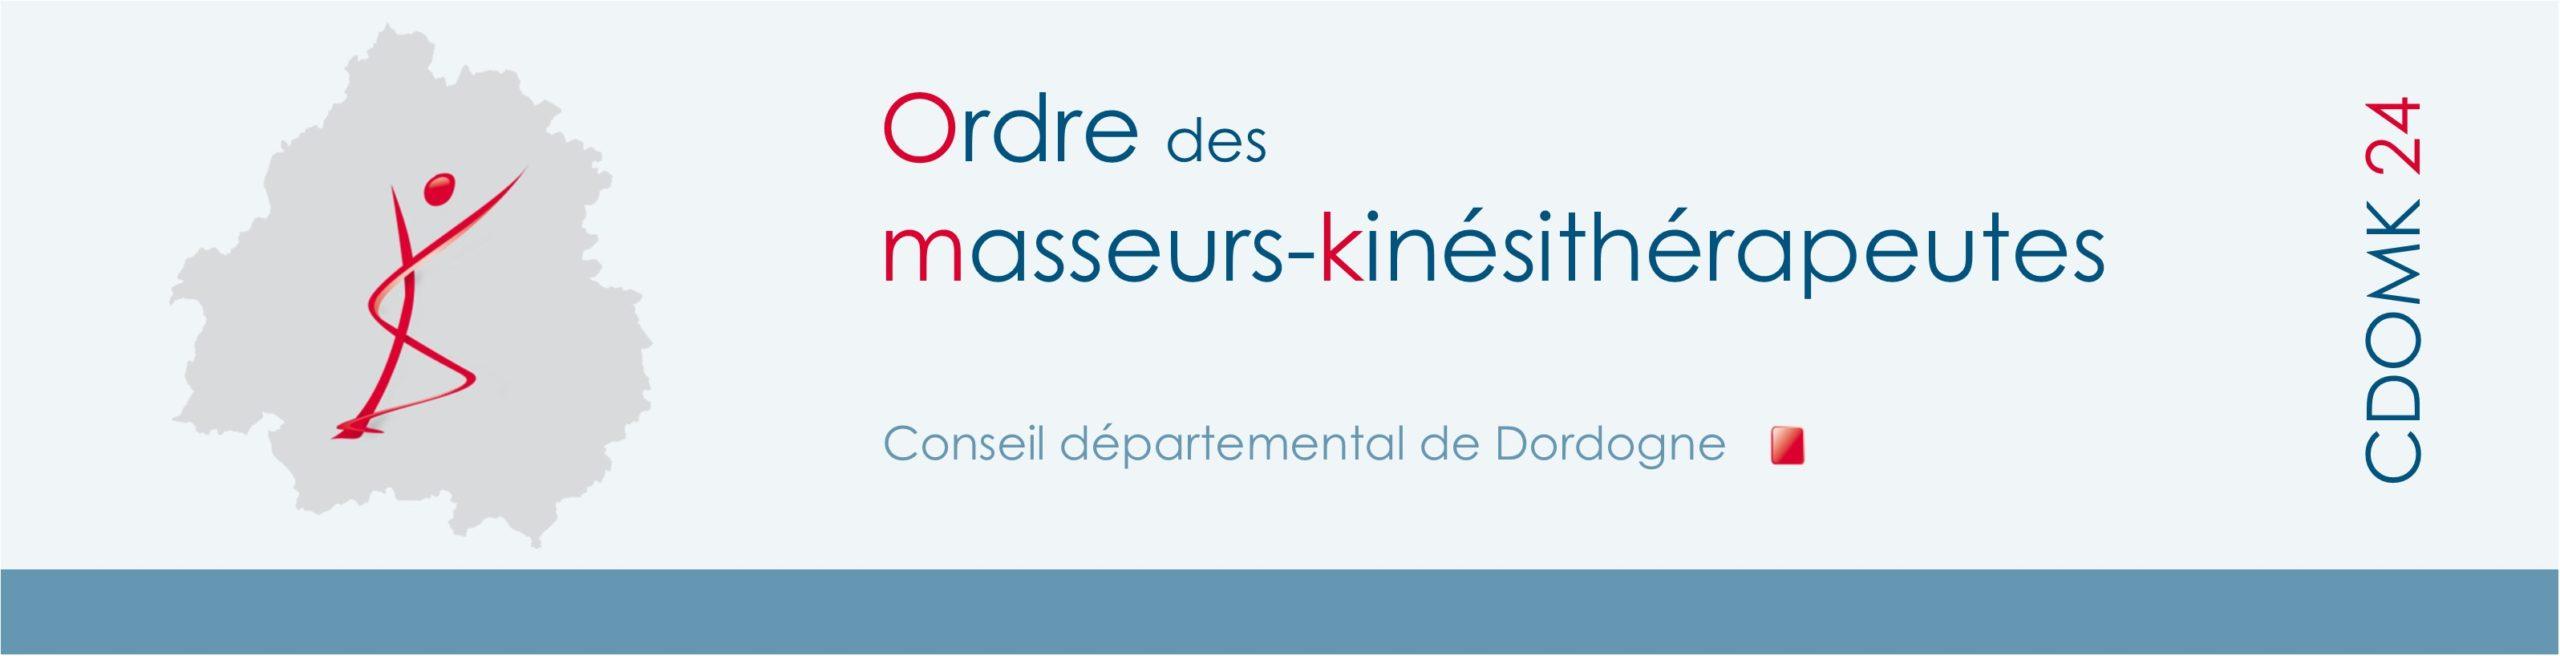 Ordre des masseurs-kinésithérapeutes de Dordogne